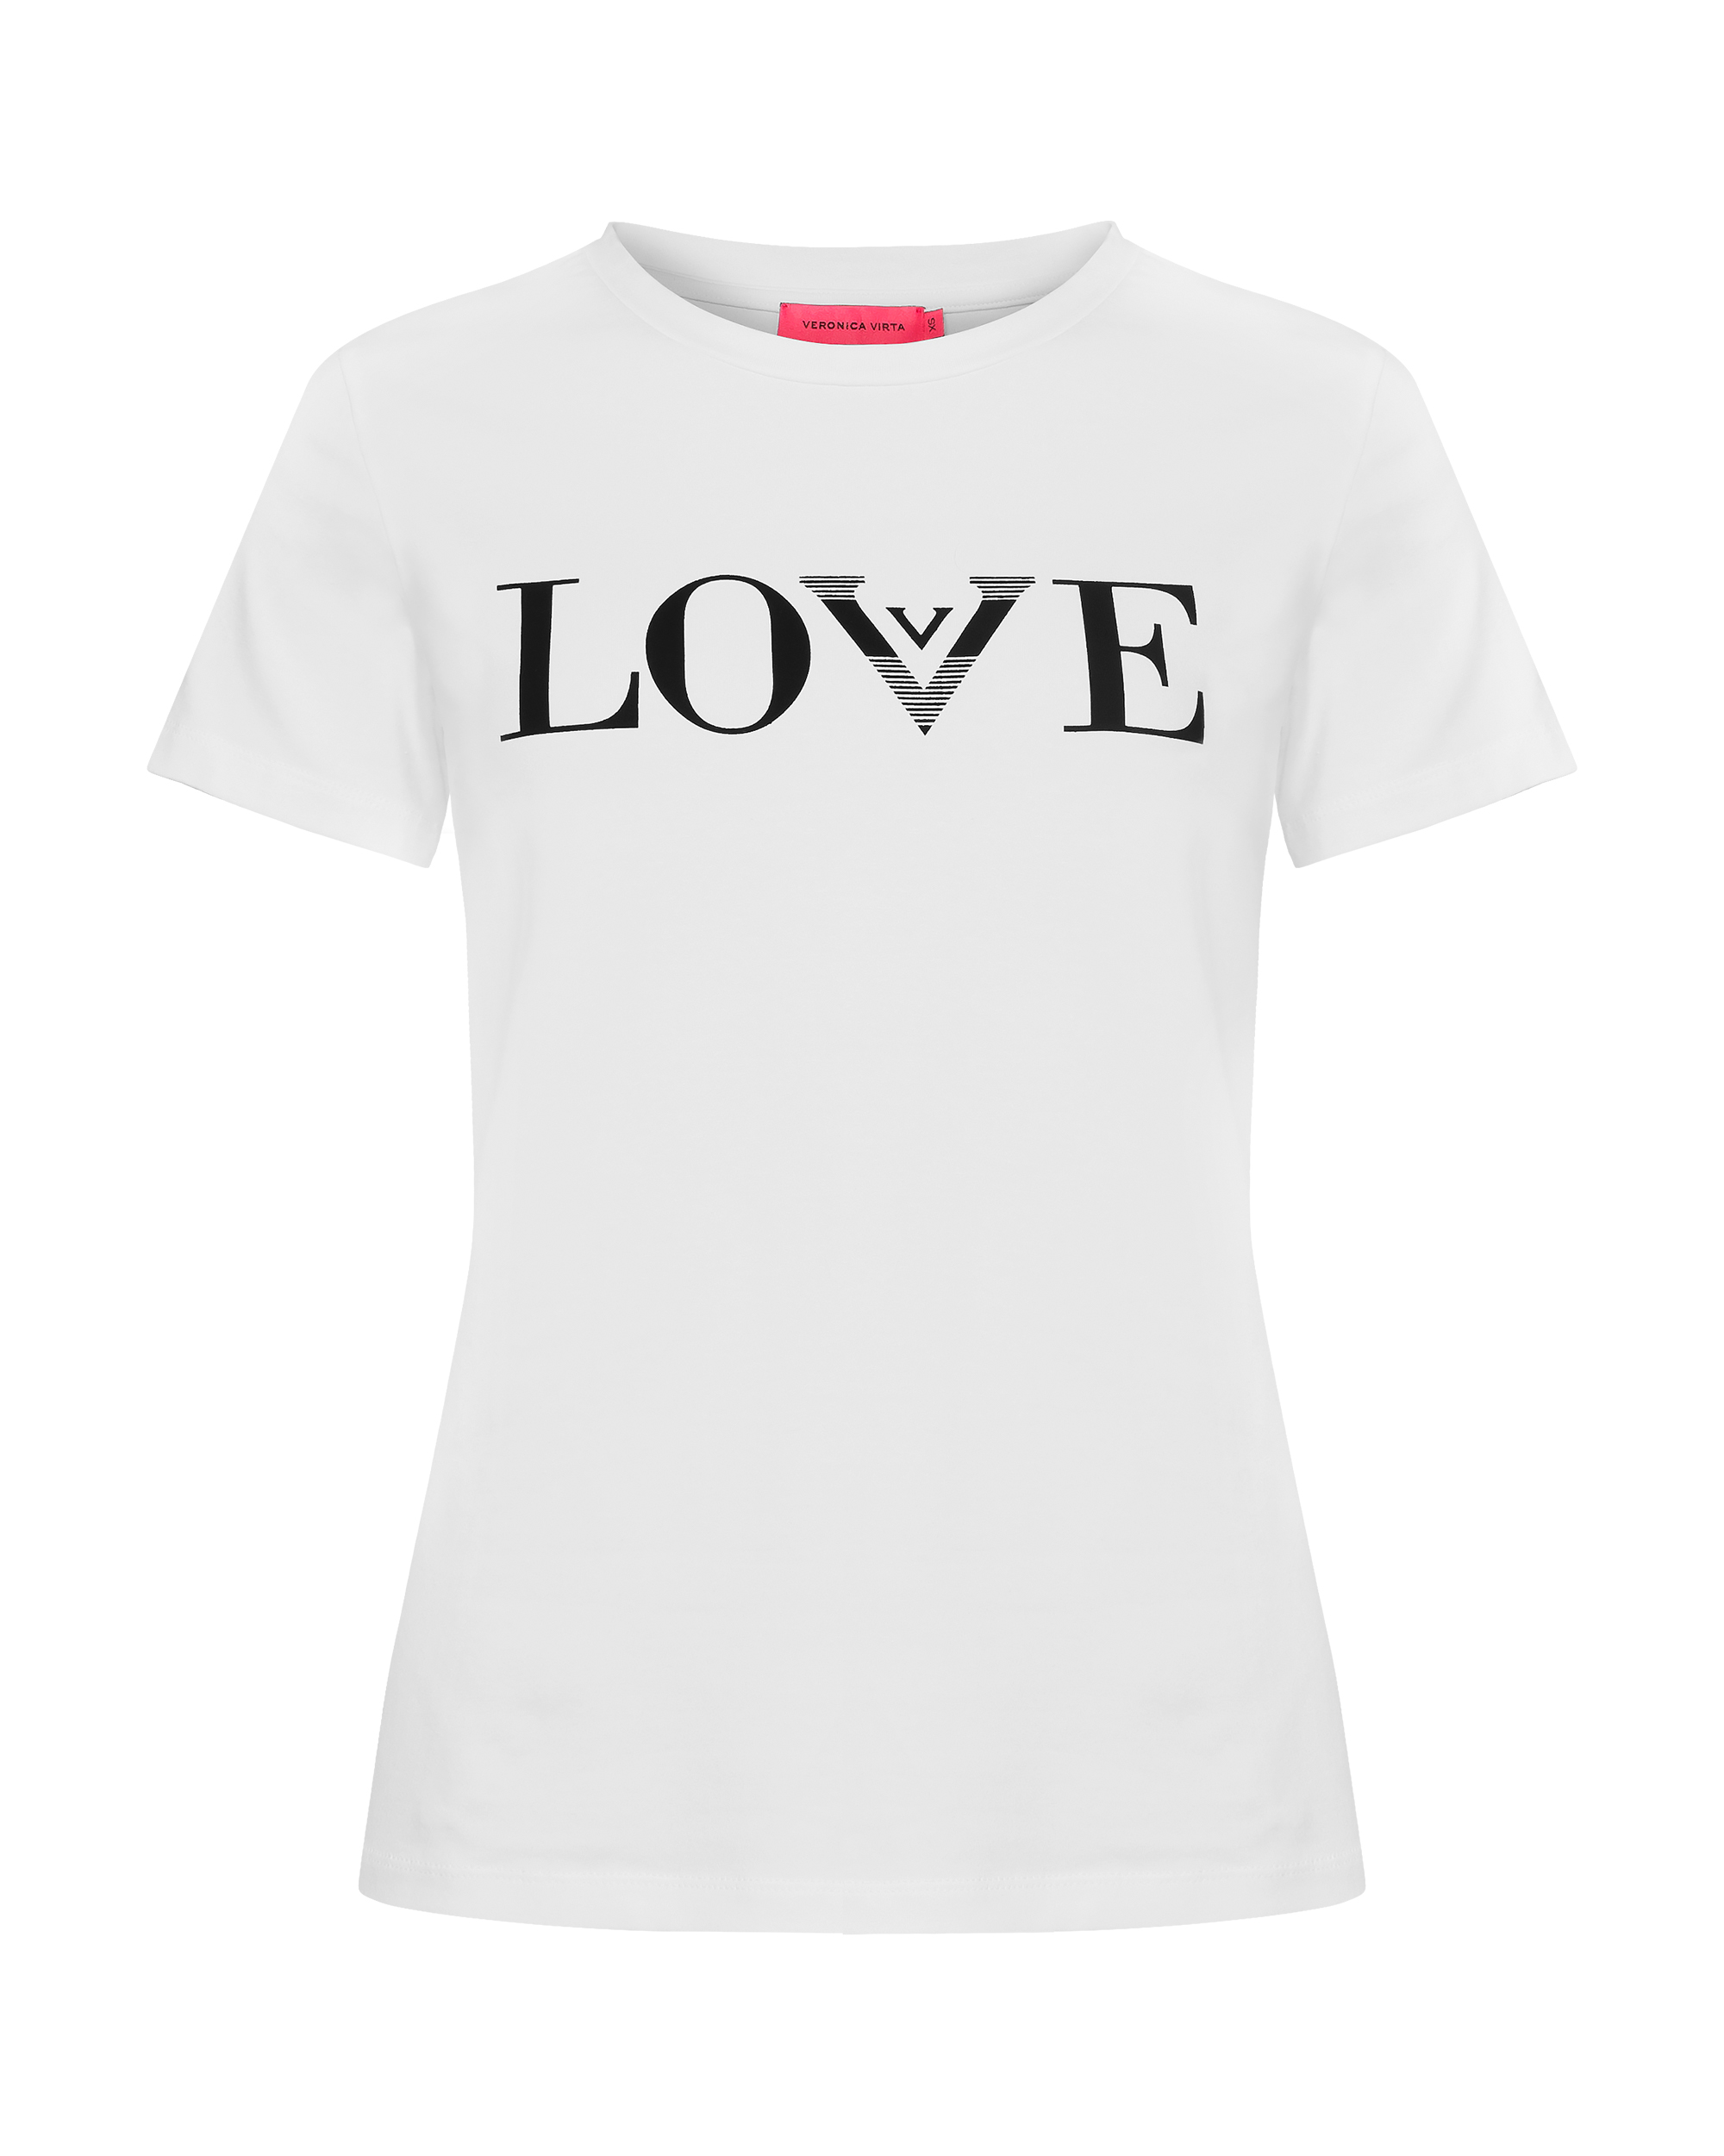 Love_Tee_Black